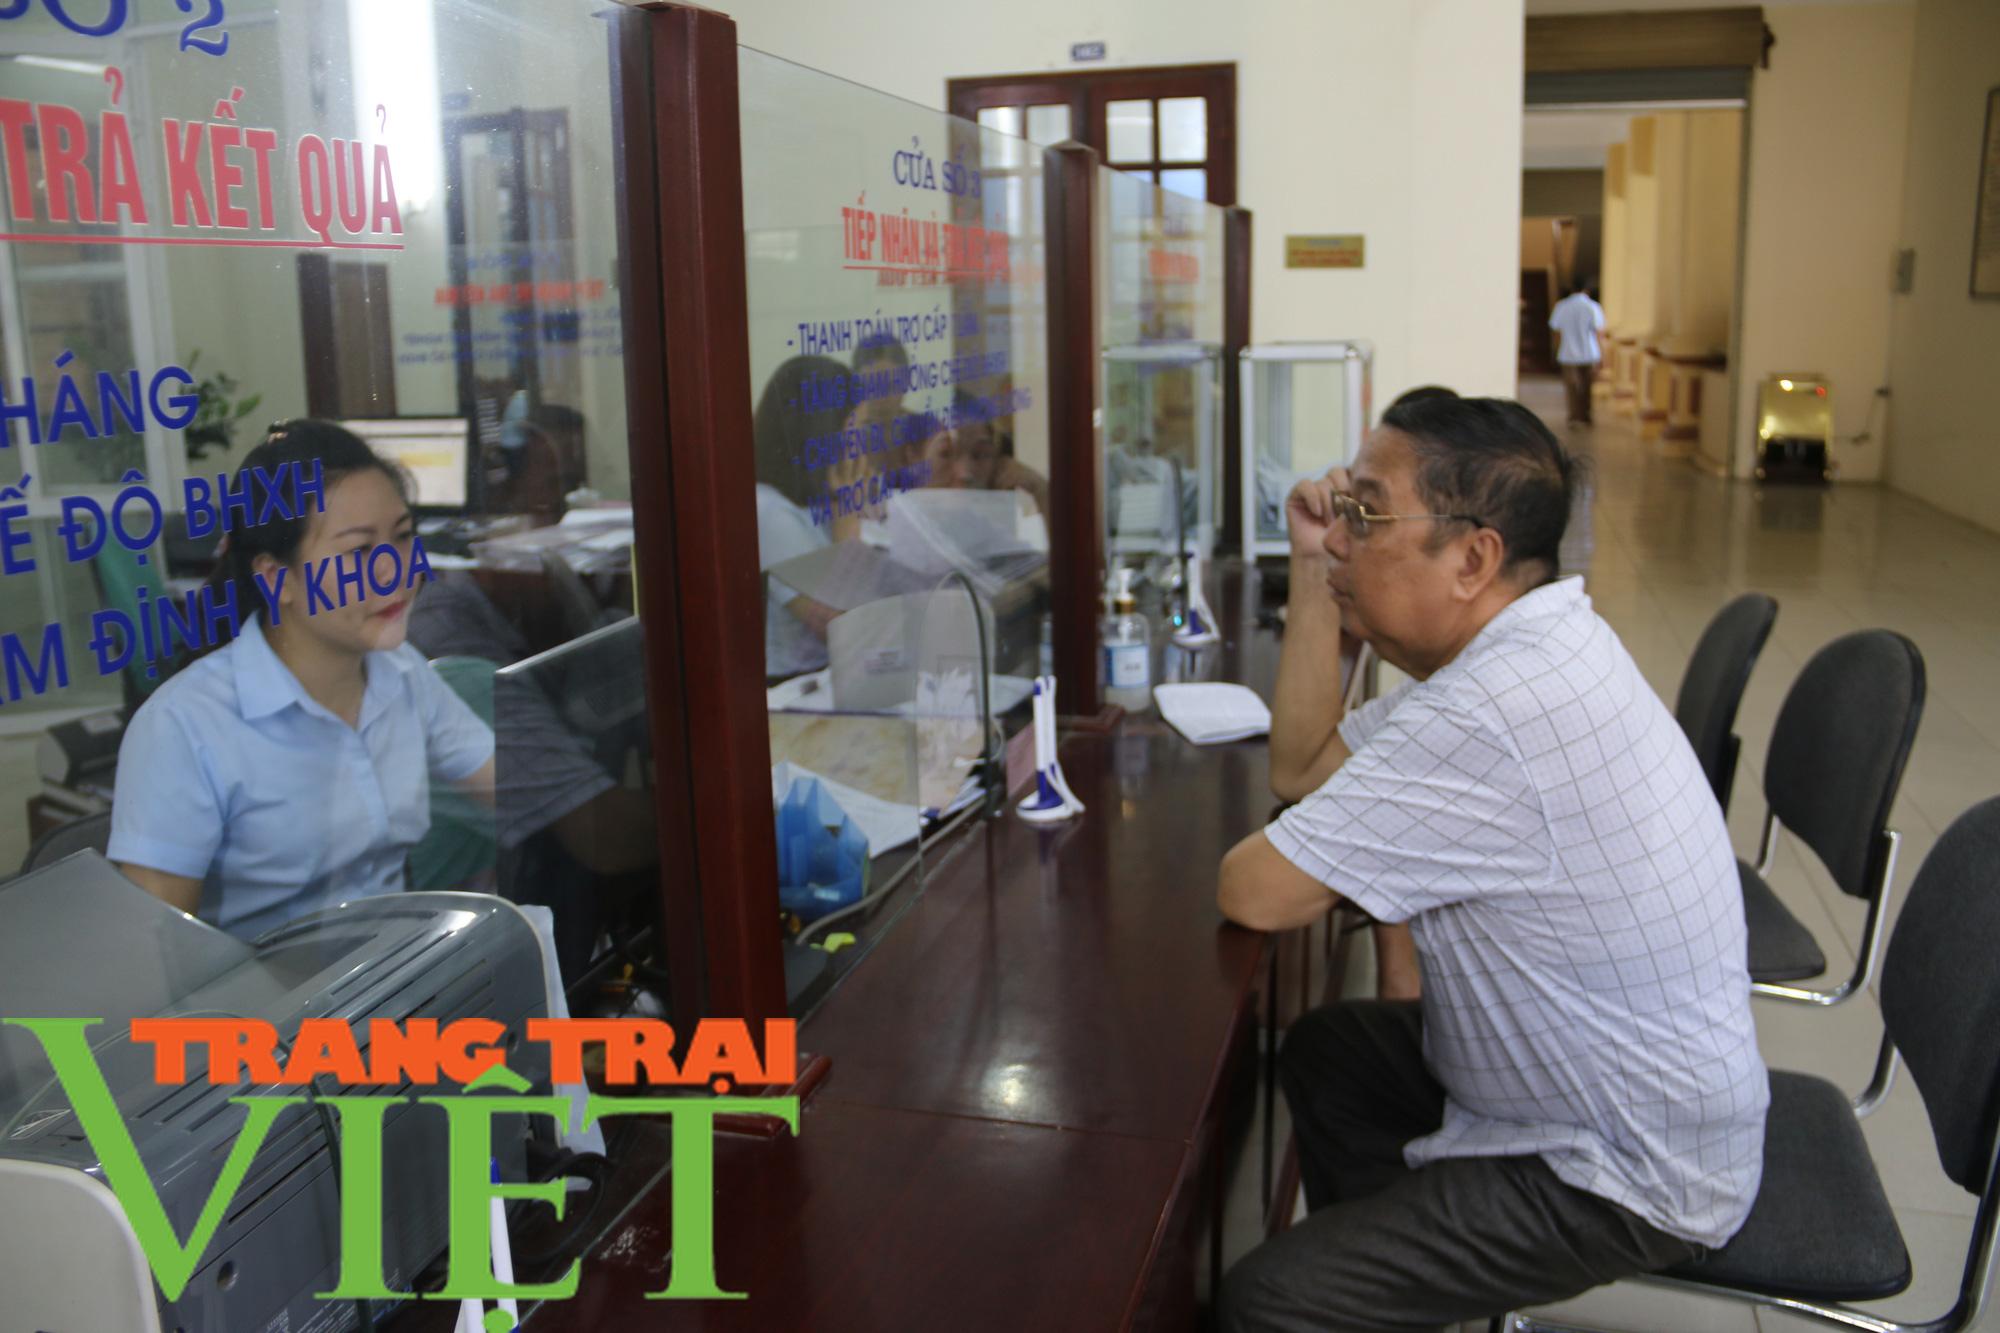 Hoà Bình: Bảo hiểm y tế điểm tựa cho người dân - Ảnh 5.